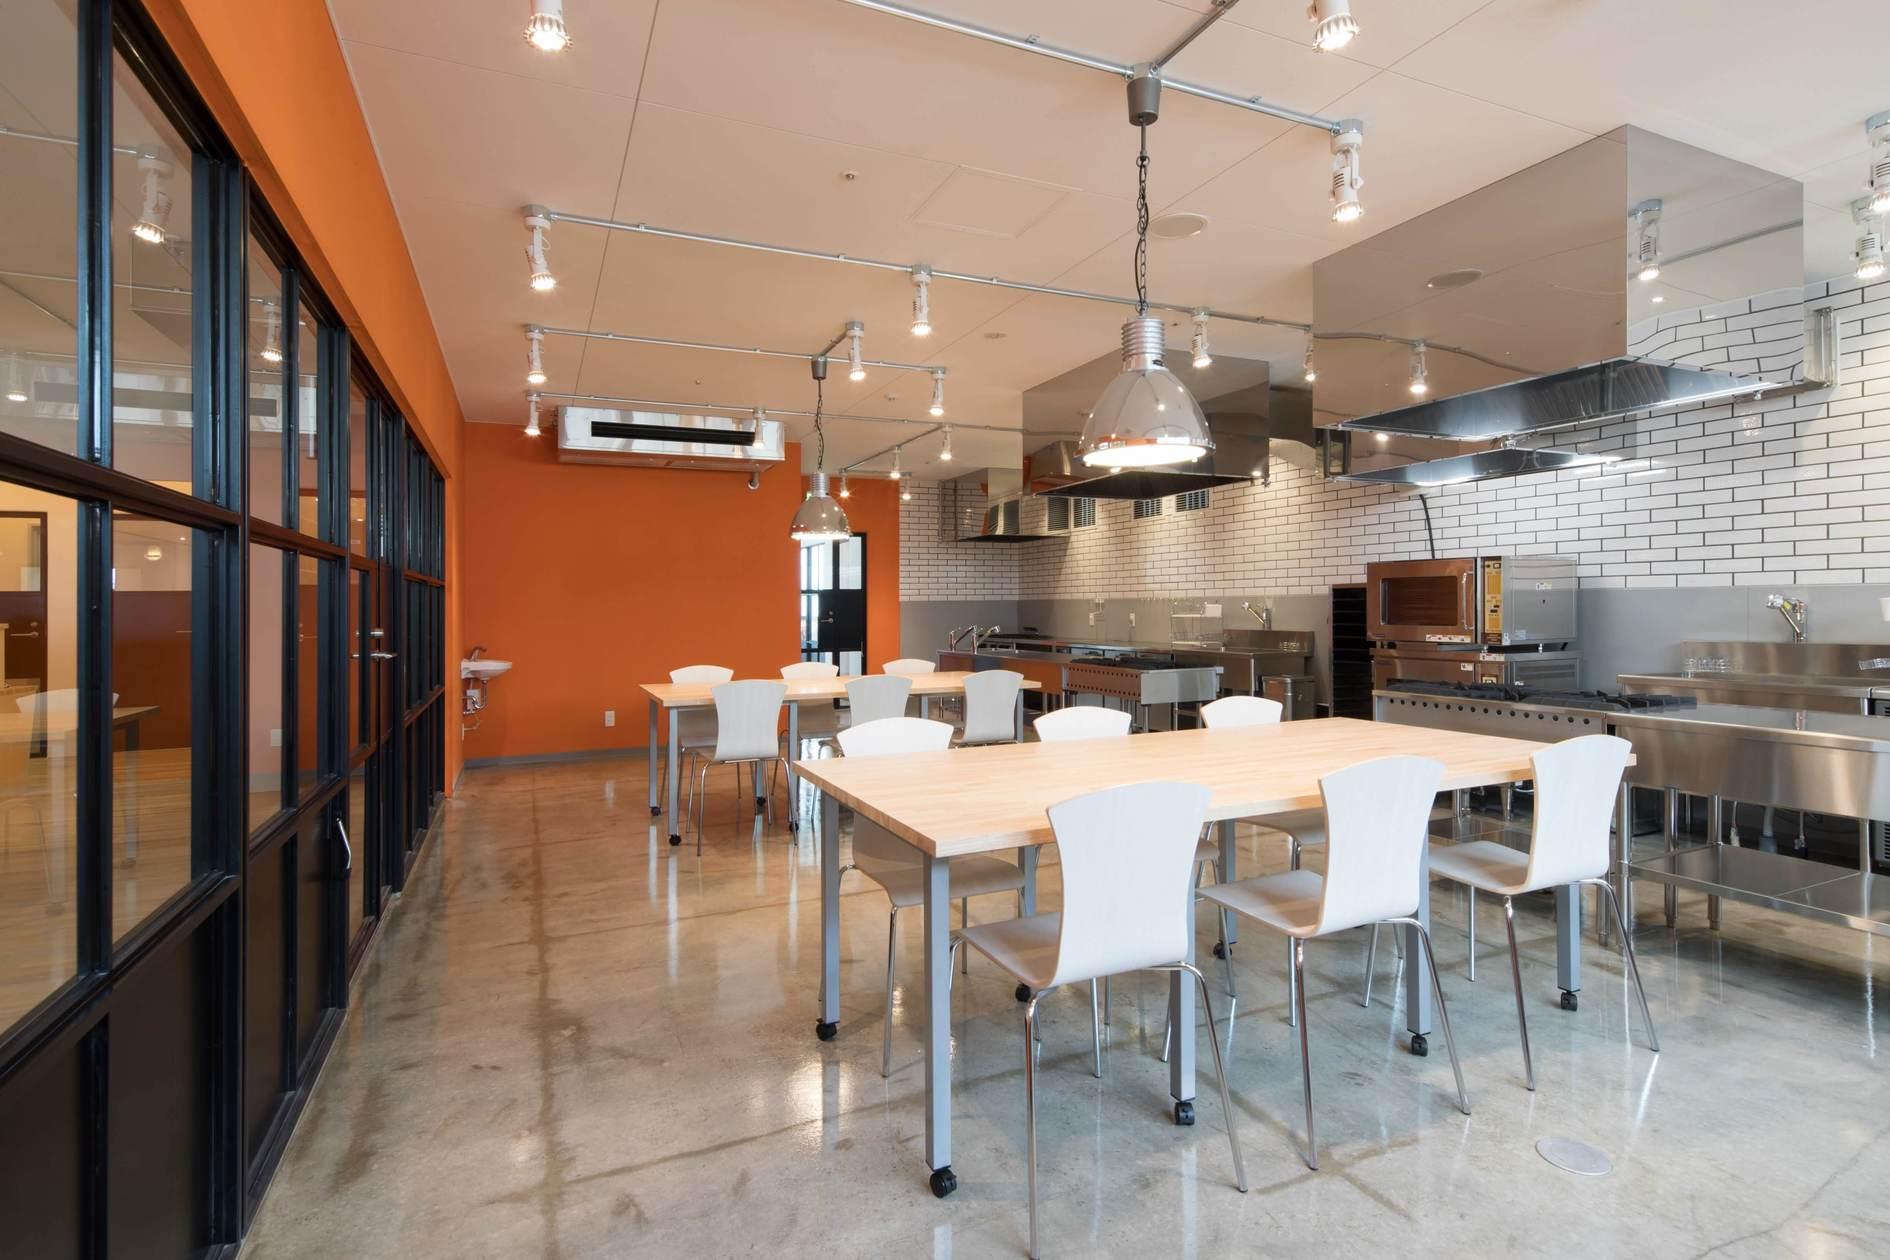 プロ仕様の広々レンタルキッチン!商品試作・料理教室・パーティまで幅広くこなせます(業務用キッチン・スタジオ・会議室を備えたコワーキングスペース!イベント・会議・ワークショップ対応可能) の写真0